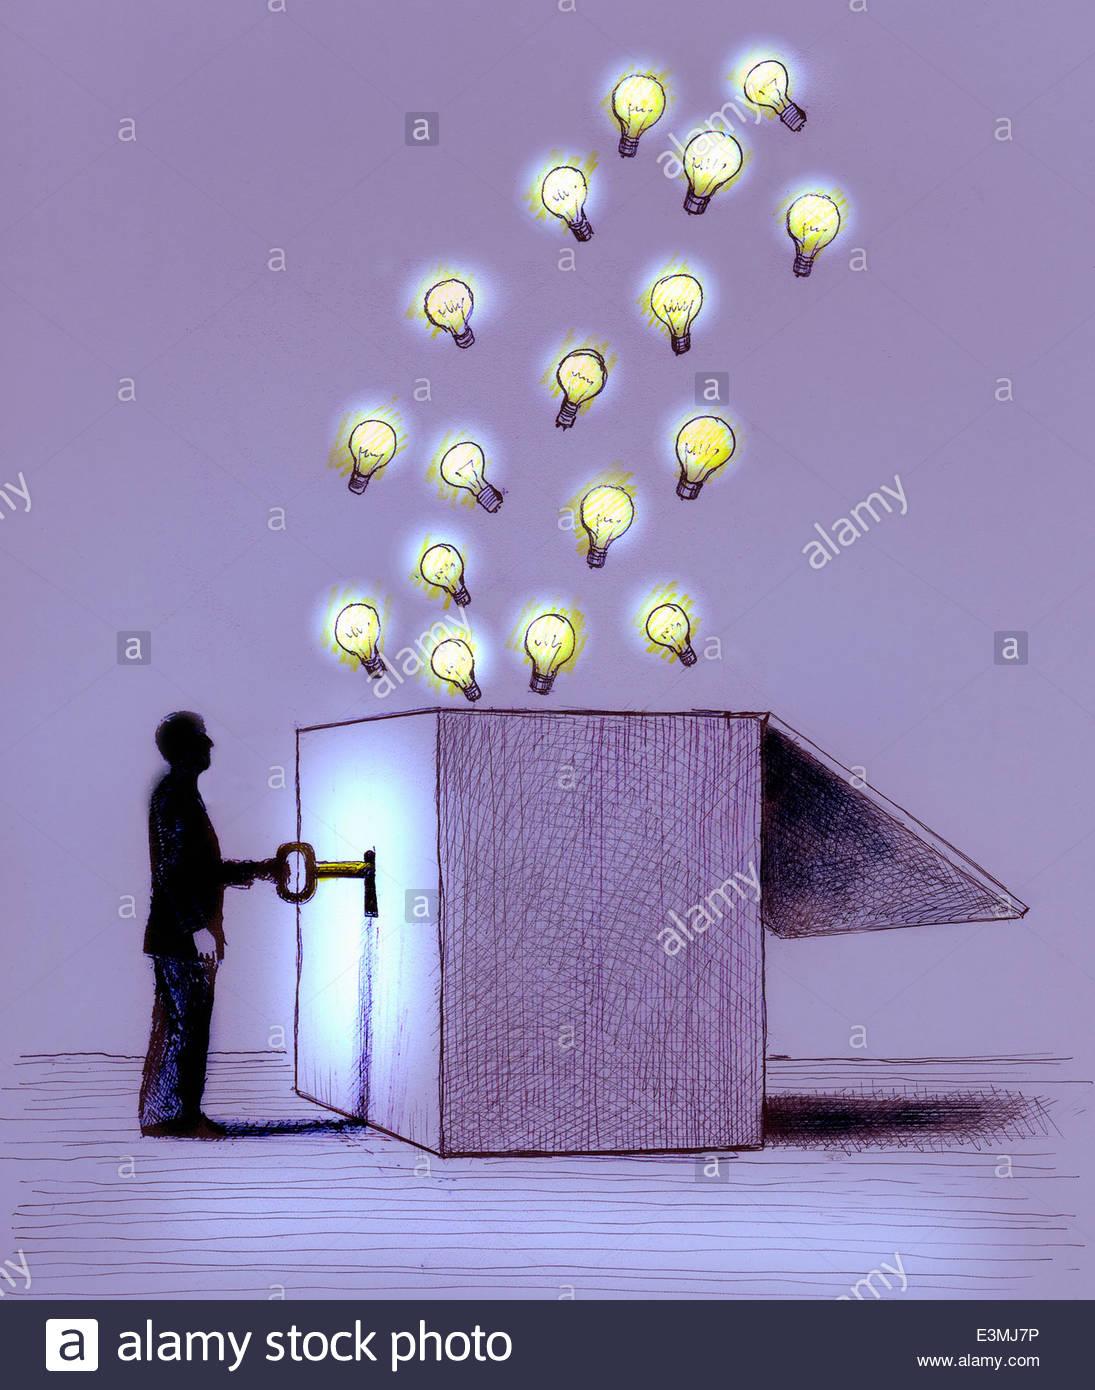 Mann entsperren beleuchtete Glühbirnen aus Karton Stockbild